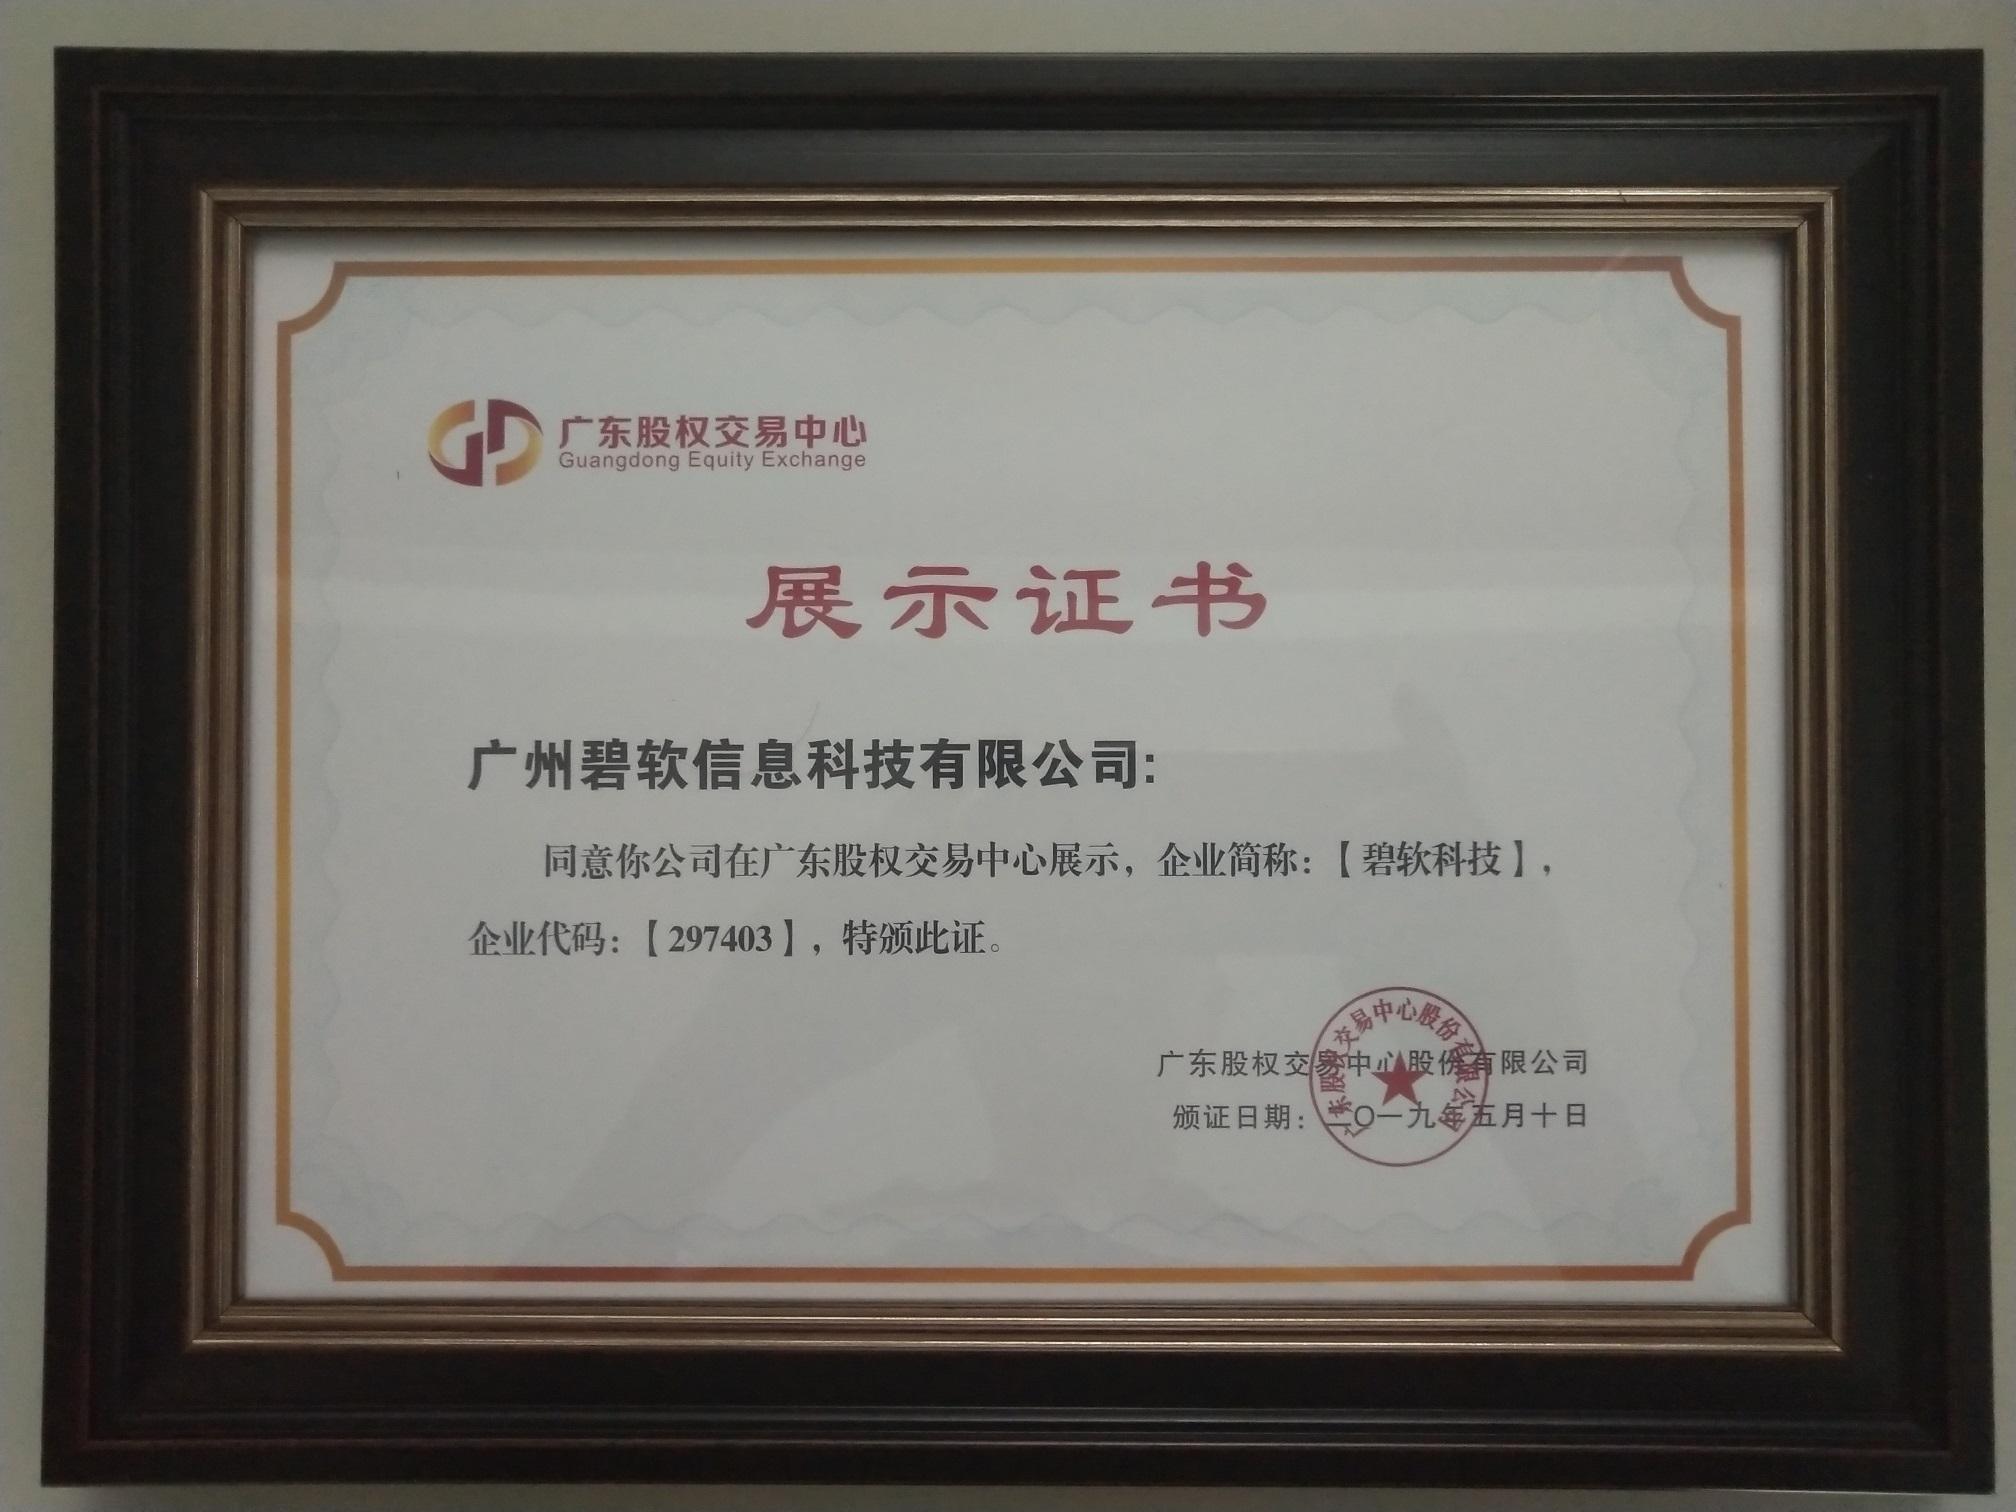 申博太阳城股权交易代码.jpg